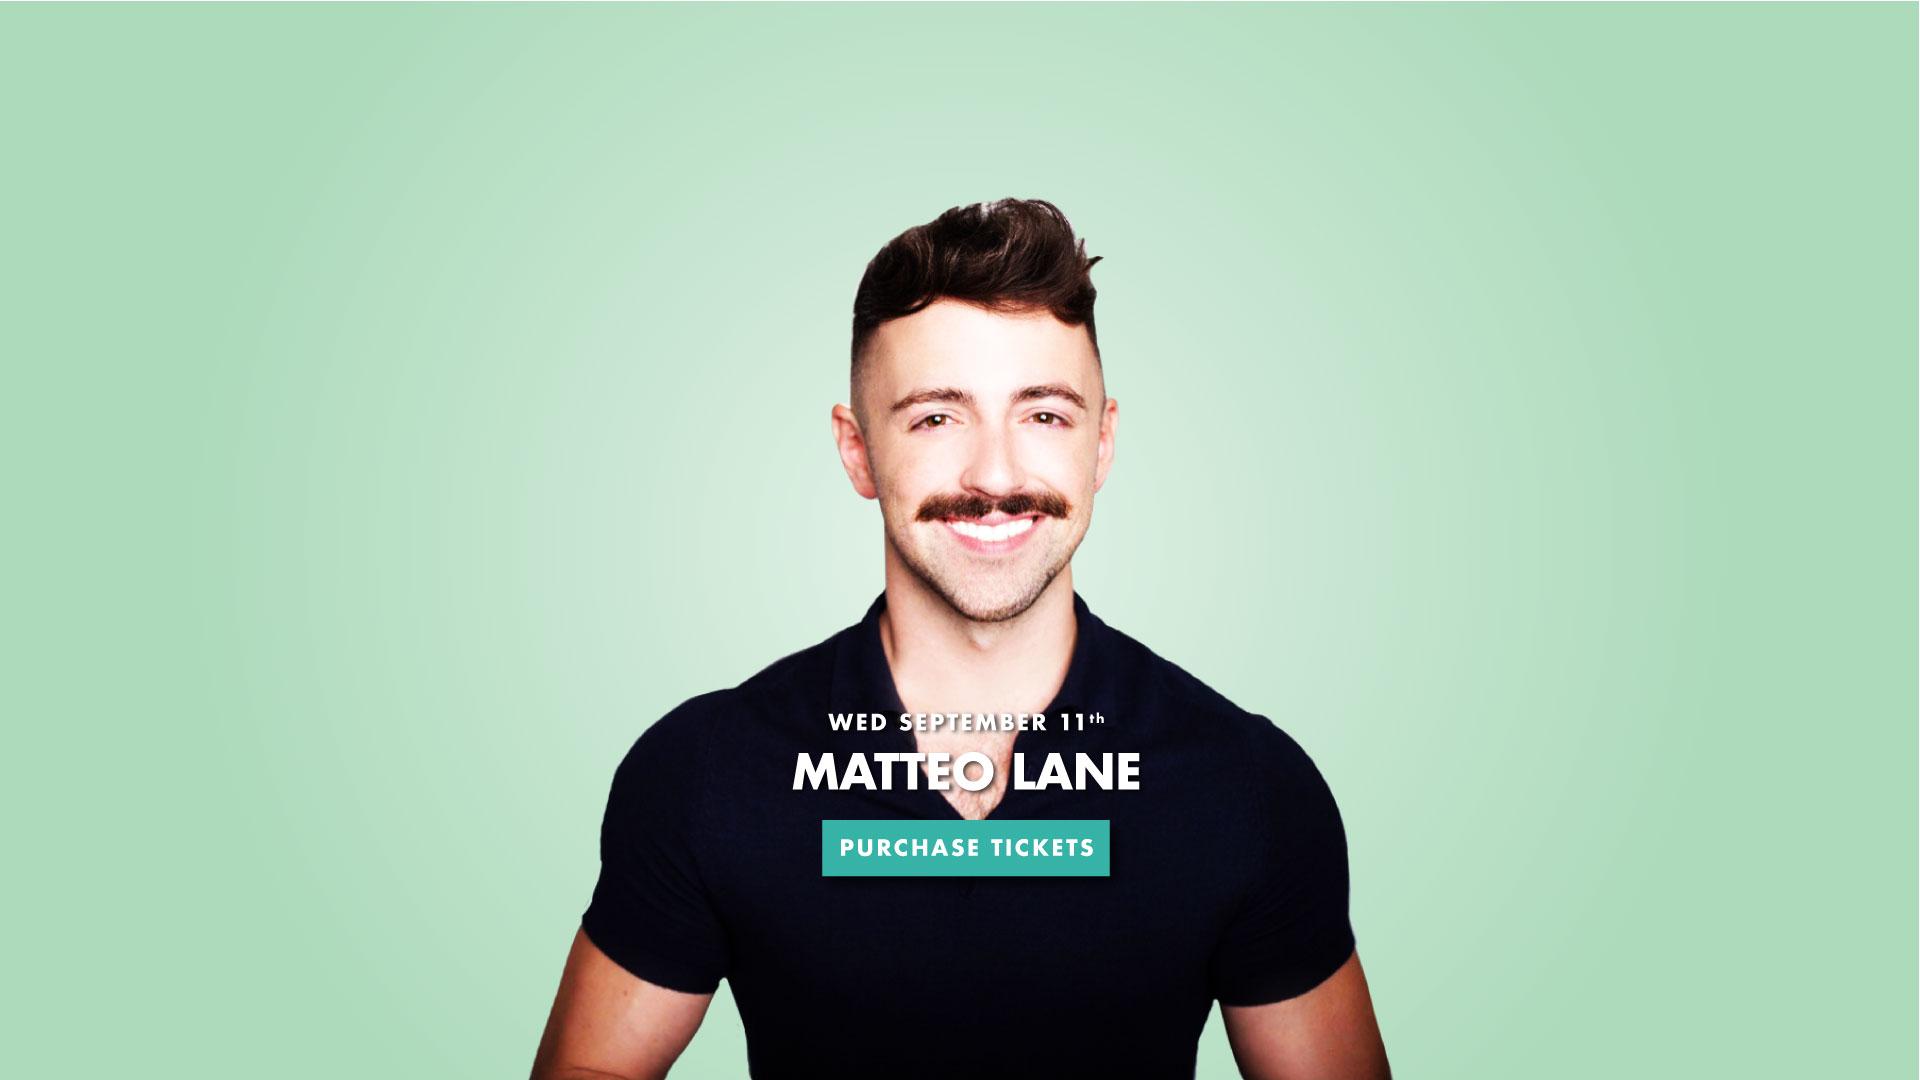 09.11-Mateo-Lane_wb.jpg